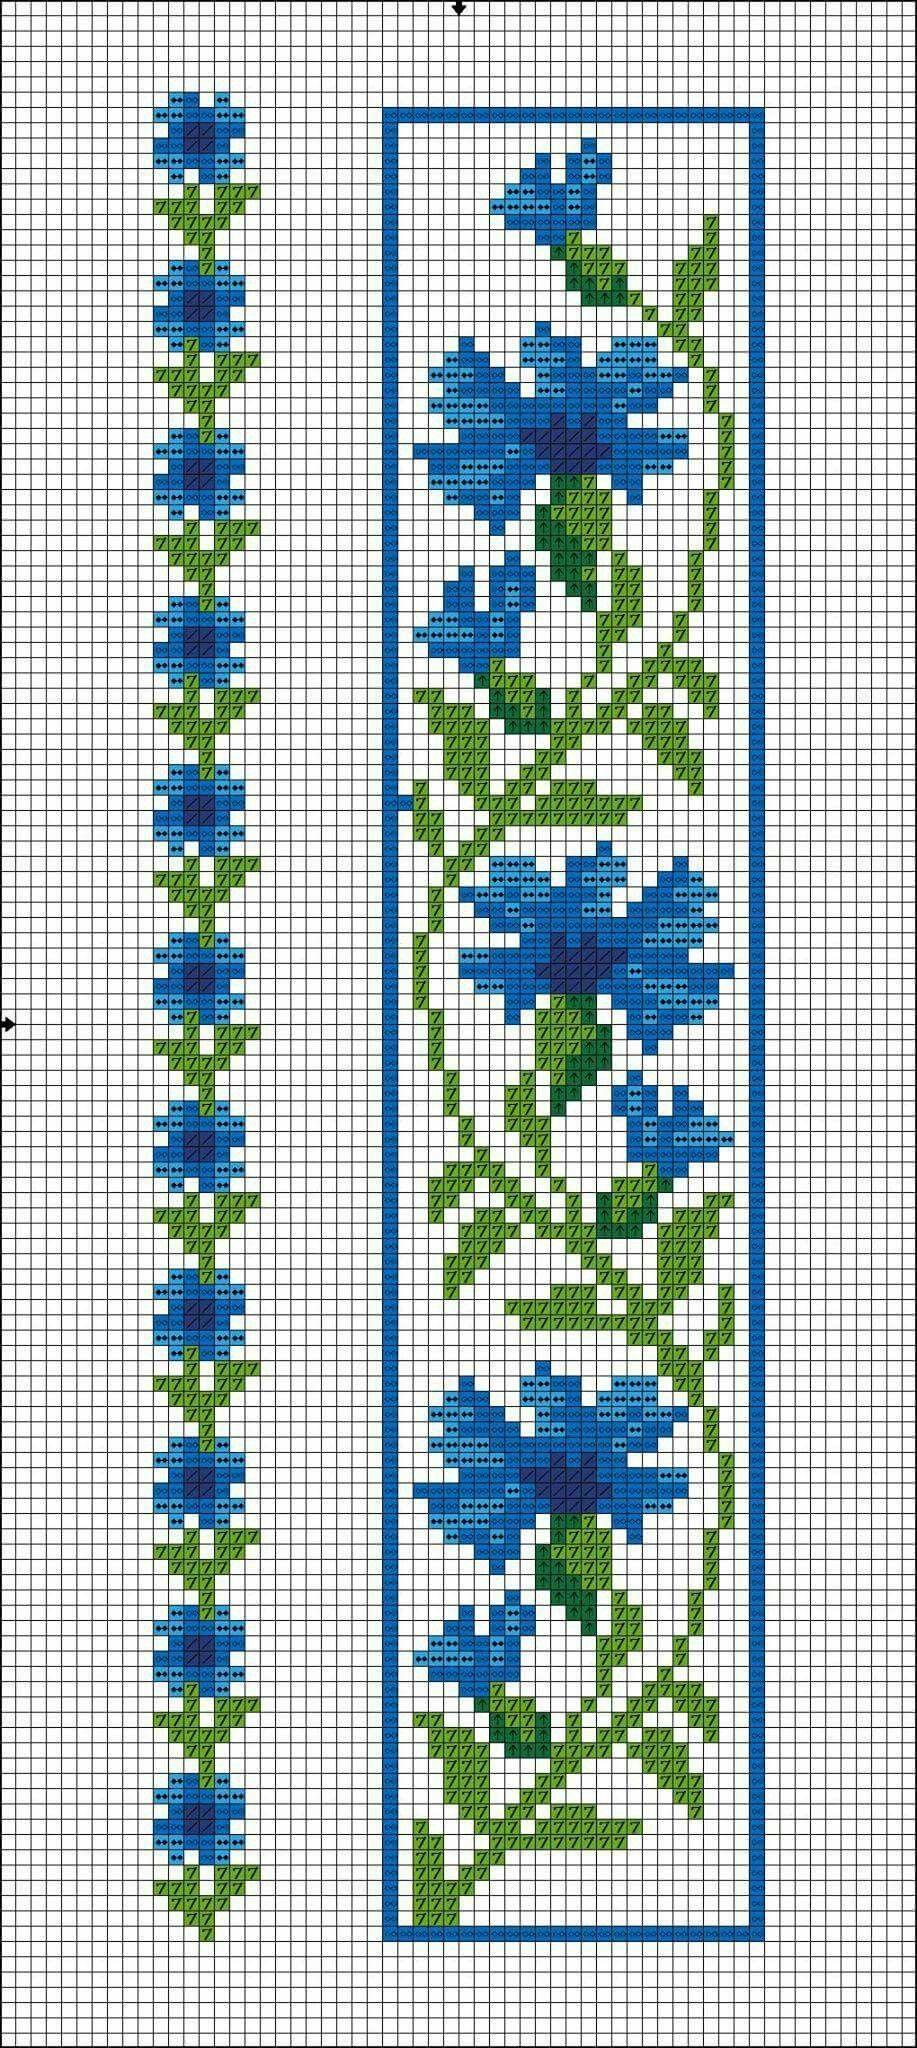 Pin de 1 410-314-8093 en Puntadas | Pinterest | Punto de cruz ...